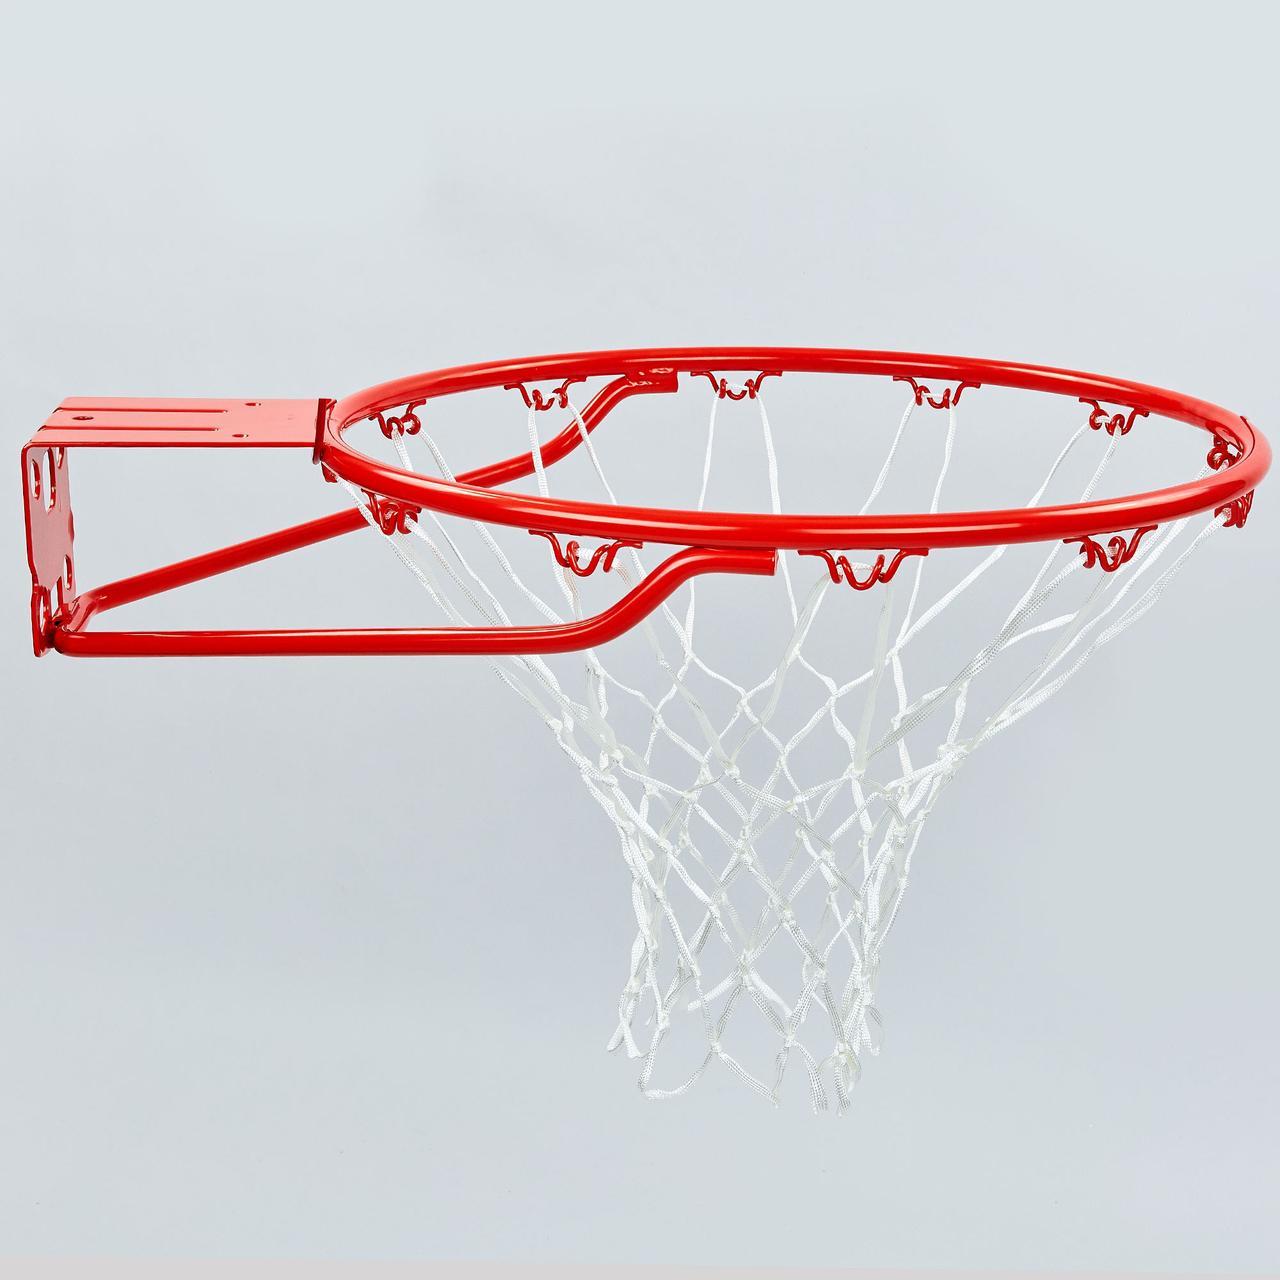 Кольцо баскетбольное Spalding PRO SLAM RIM (d кольца-46см, d трубы-16мм, в ком.кольцо-сталь, сетка-нейлон) PZ-7888SCNR